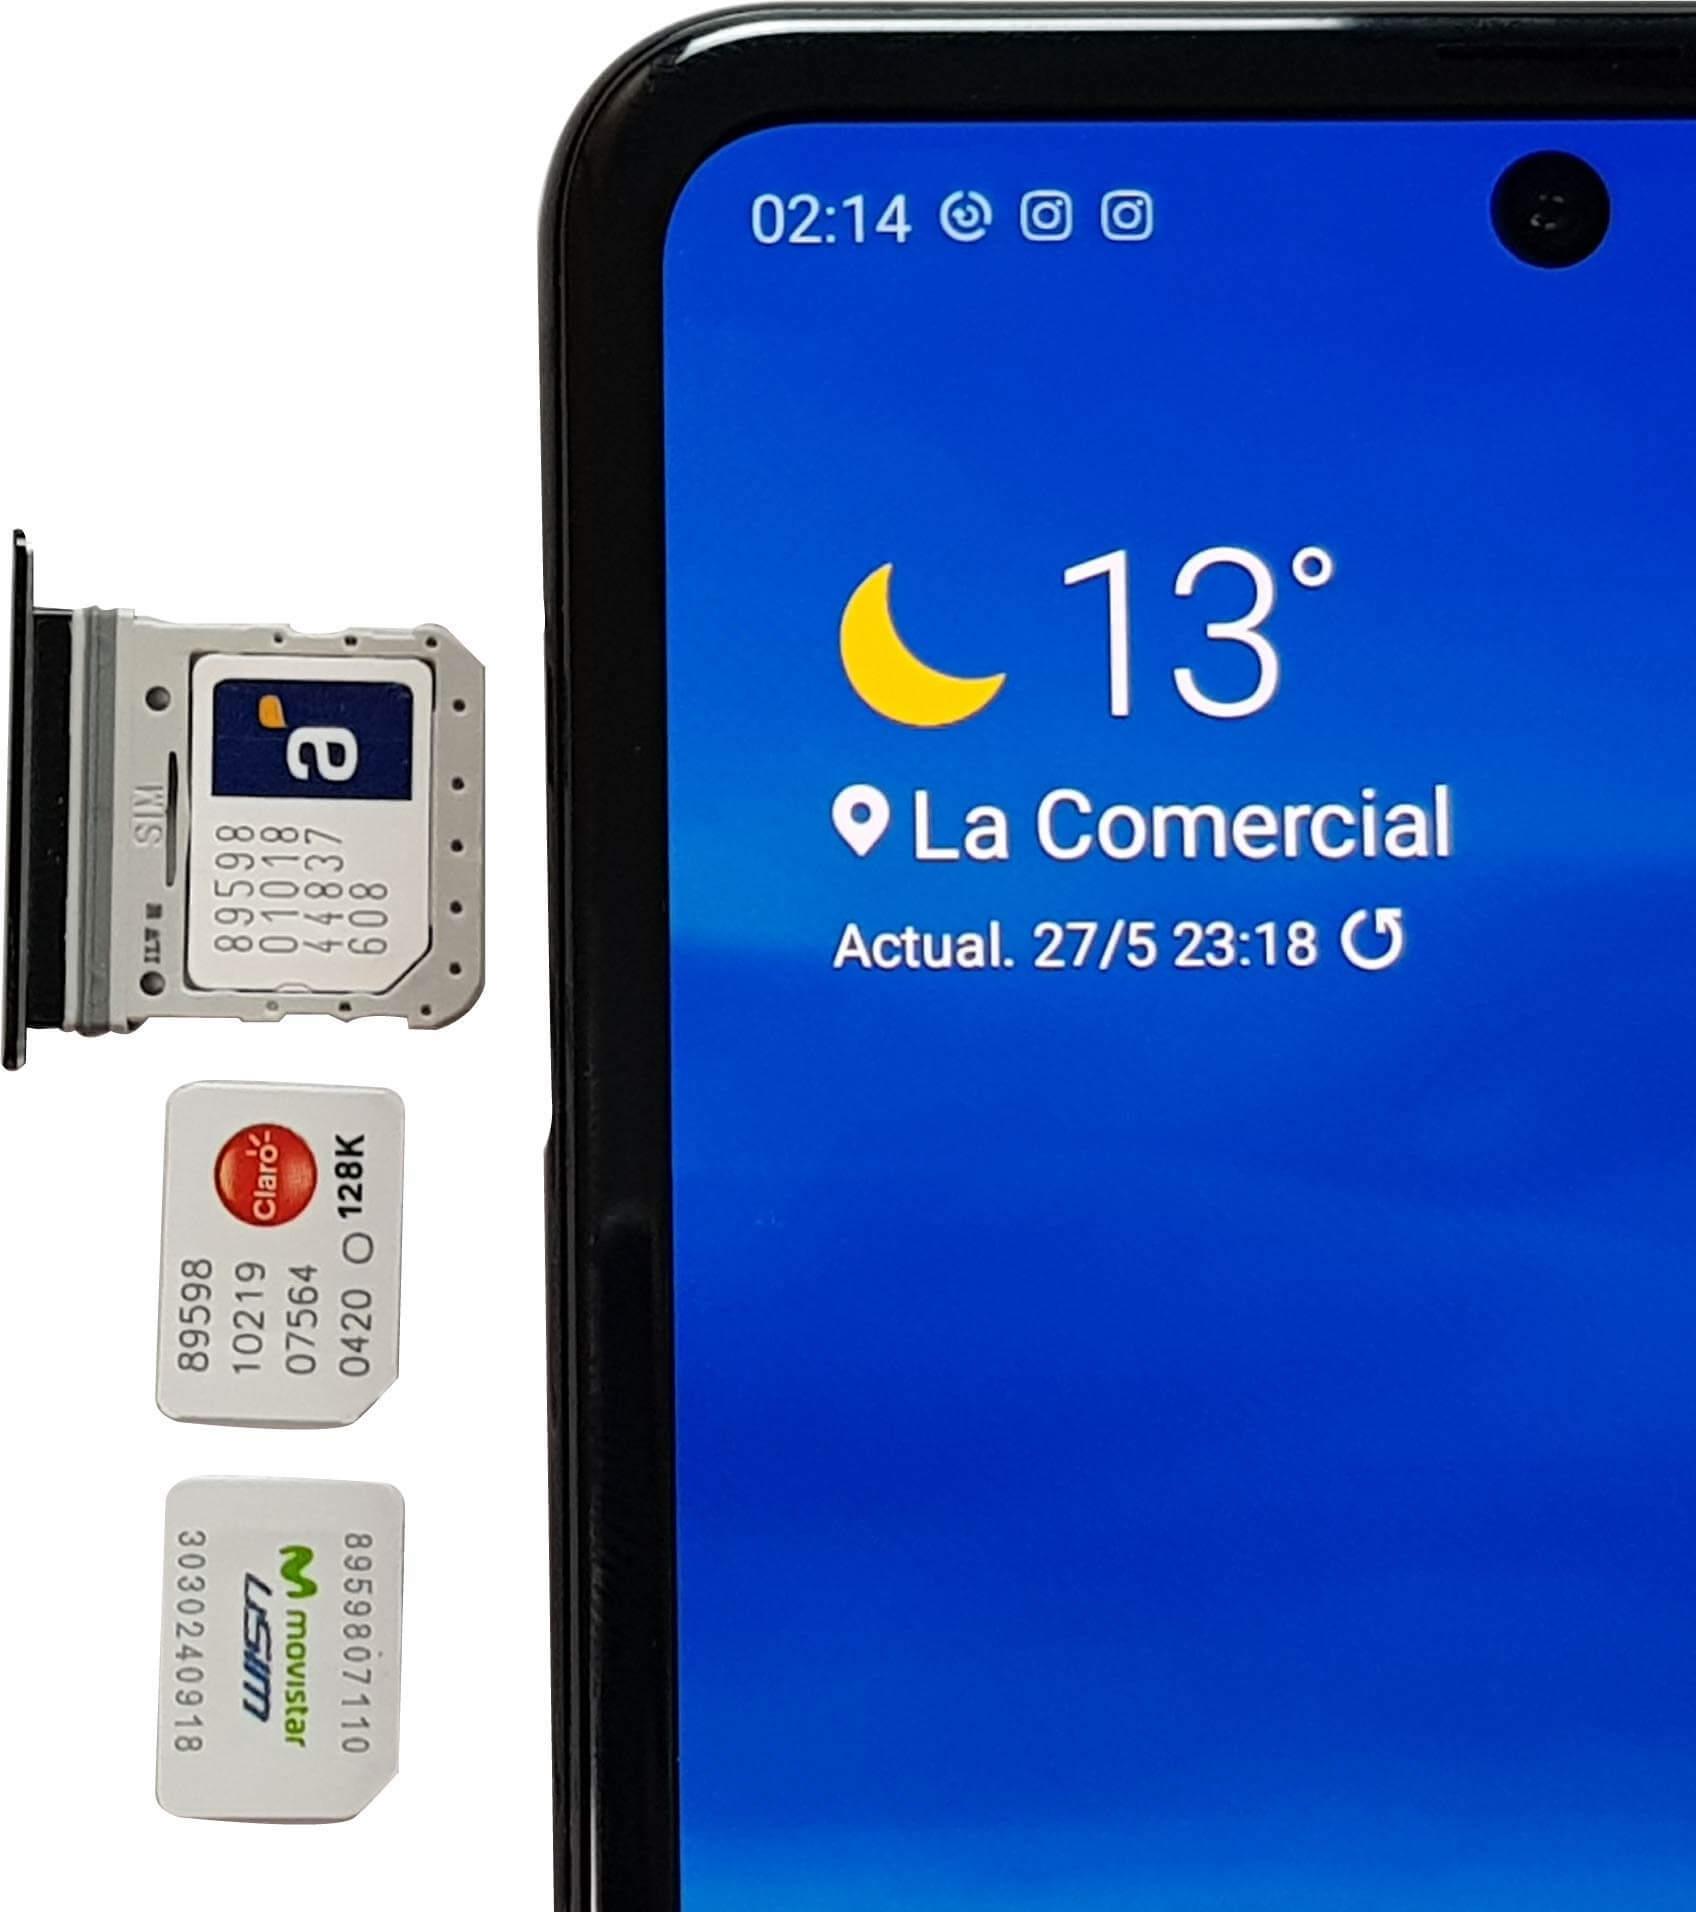 Tenemos conectividad 4G LTE en el Z Flip.